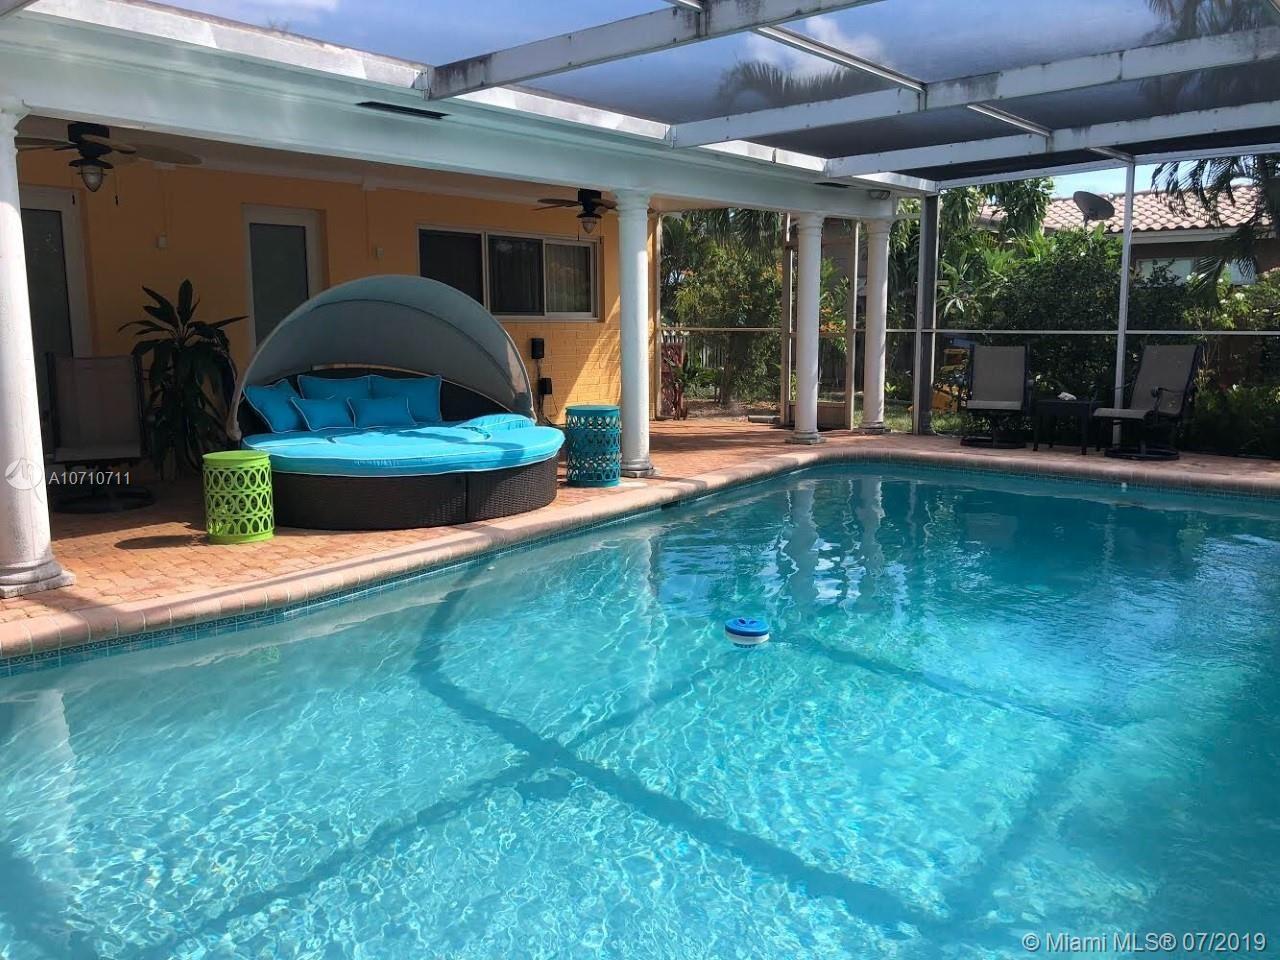 1111 SE 7th Ave, Pompano Beach, FL 33060 - MLS#: A10710711